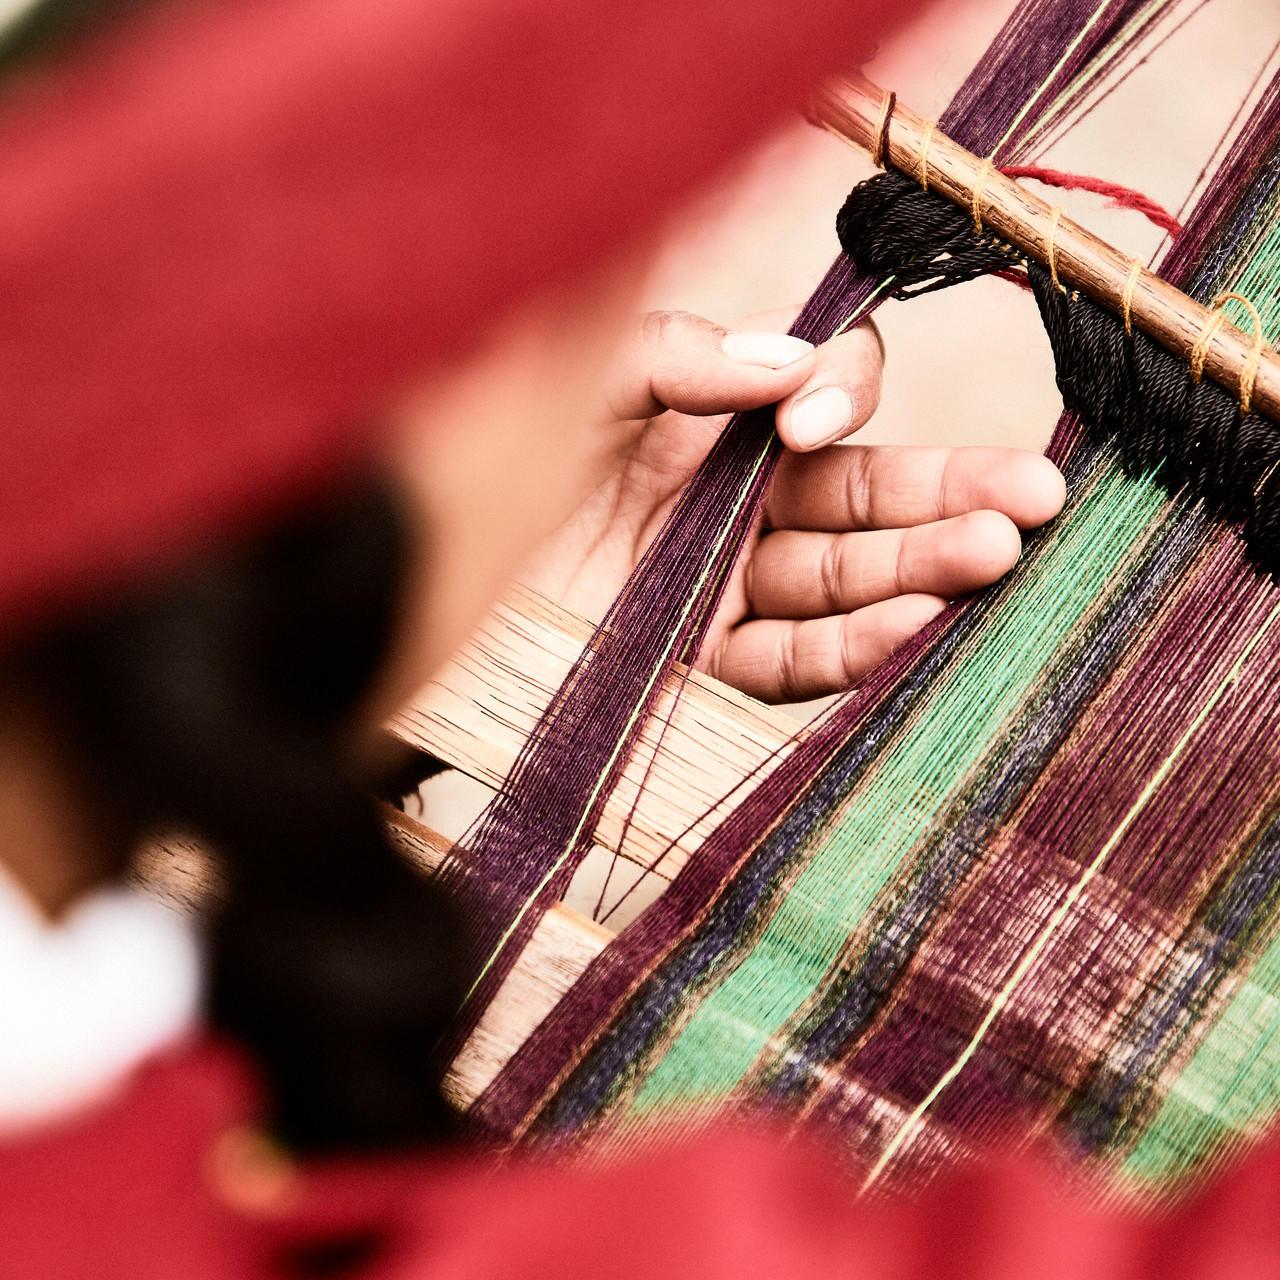 A person weaving in Chinchero near Hotel Sumaq